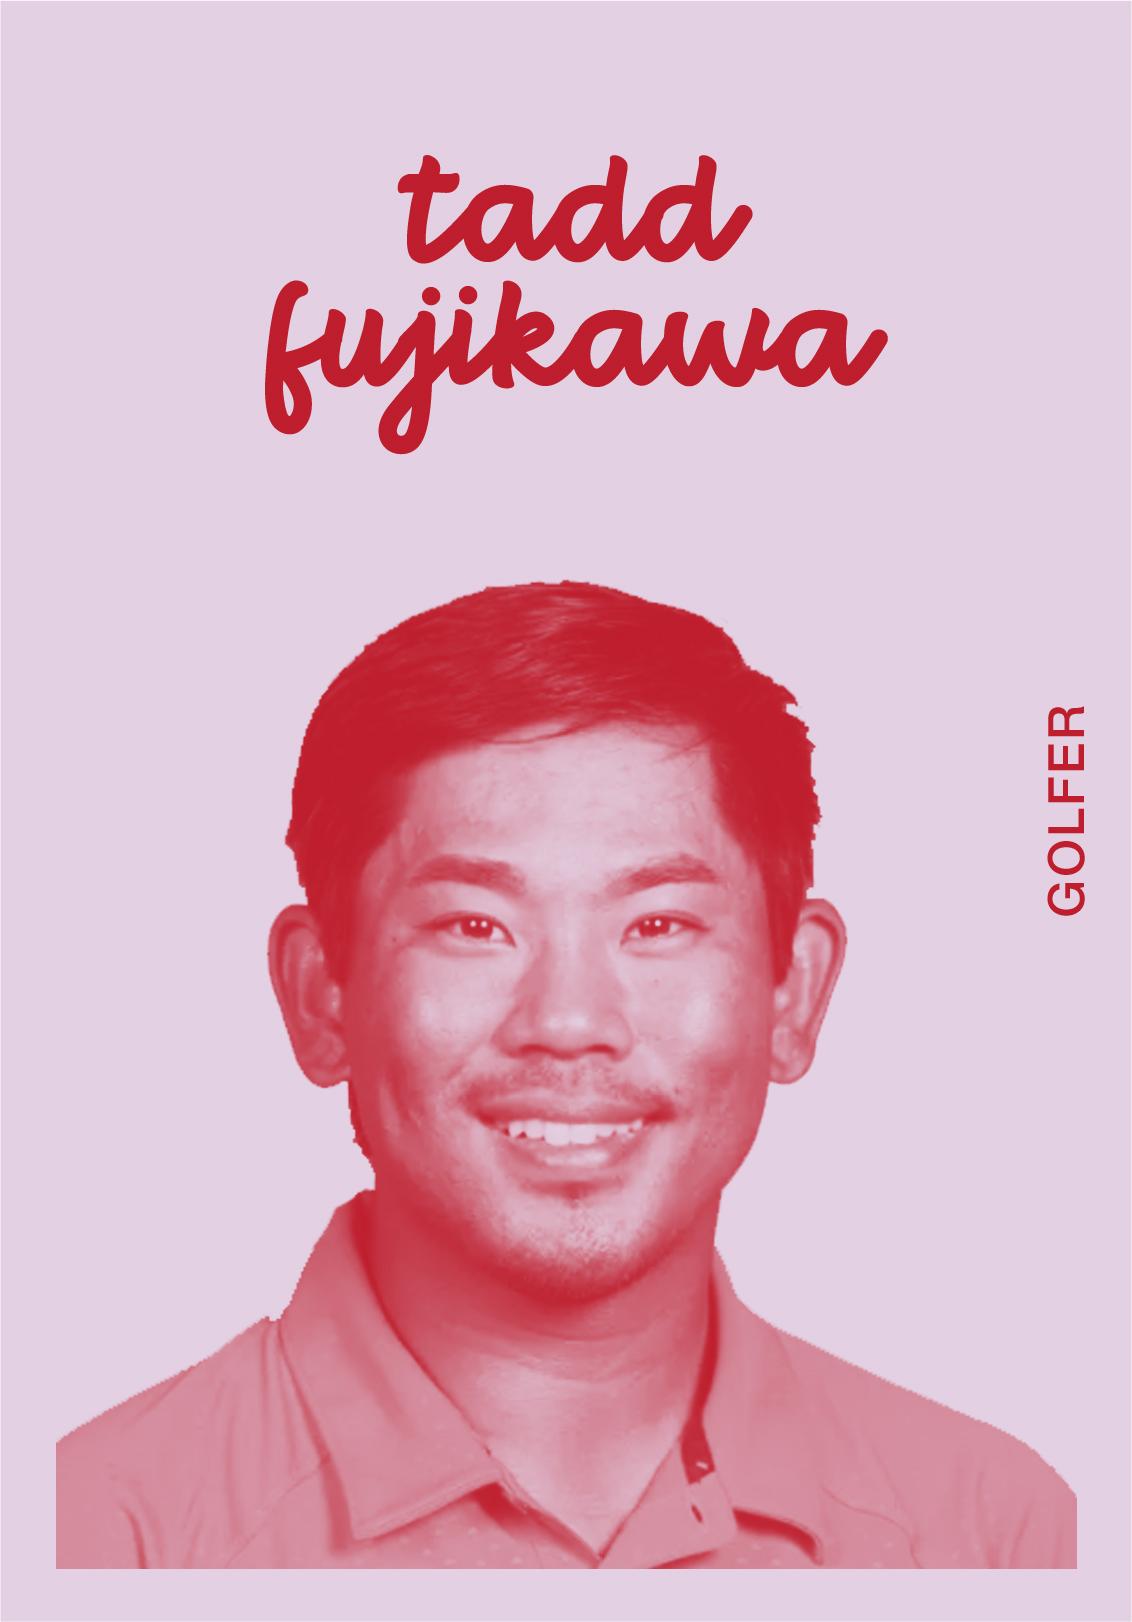 Tadd Fujikawa   @TADD_FUJIKAWA   IG: TADDY808